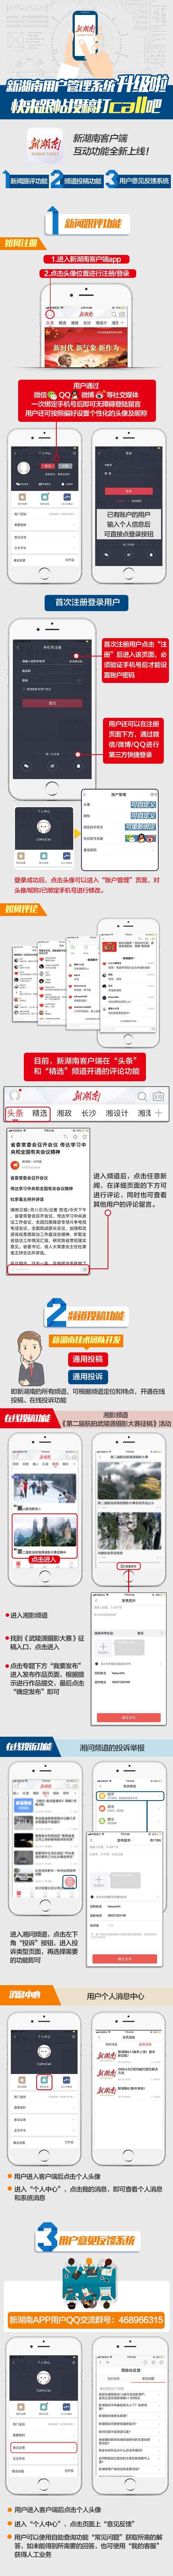 新湖南用户管理系统升级啦 快来跟帖投稿打call吧 新湖南www.hunanabc.com